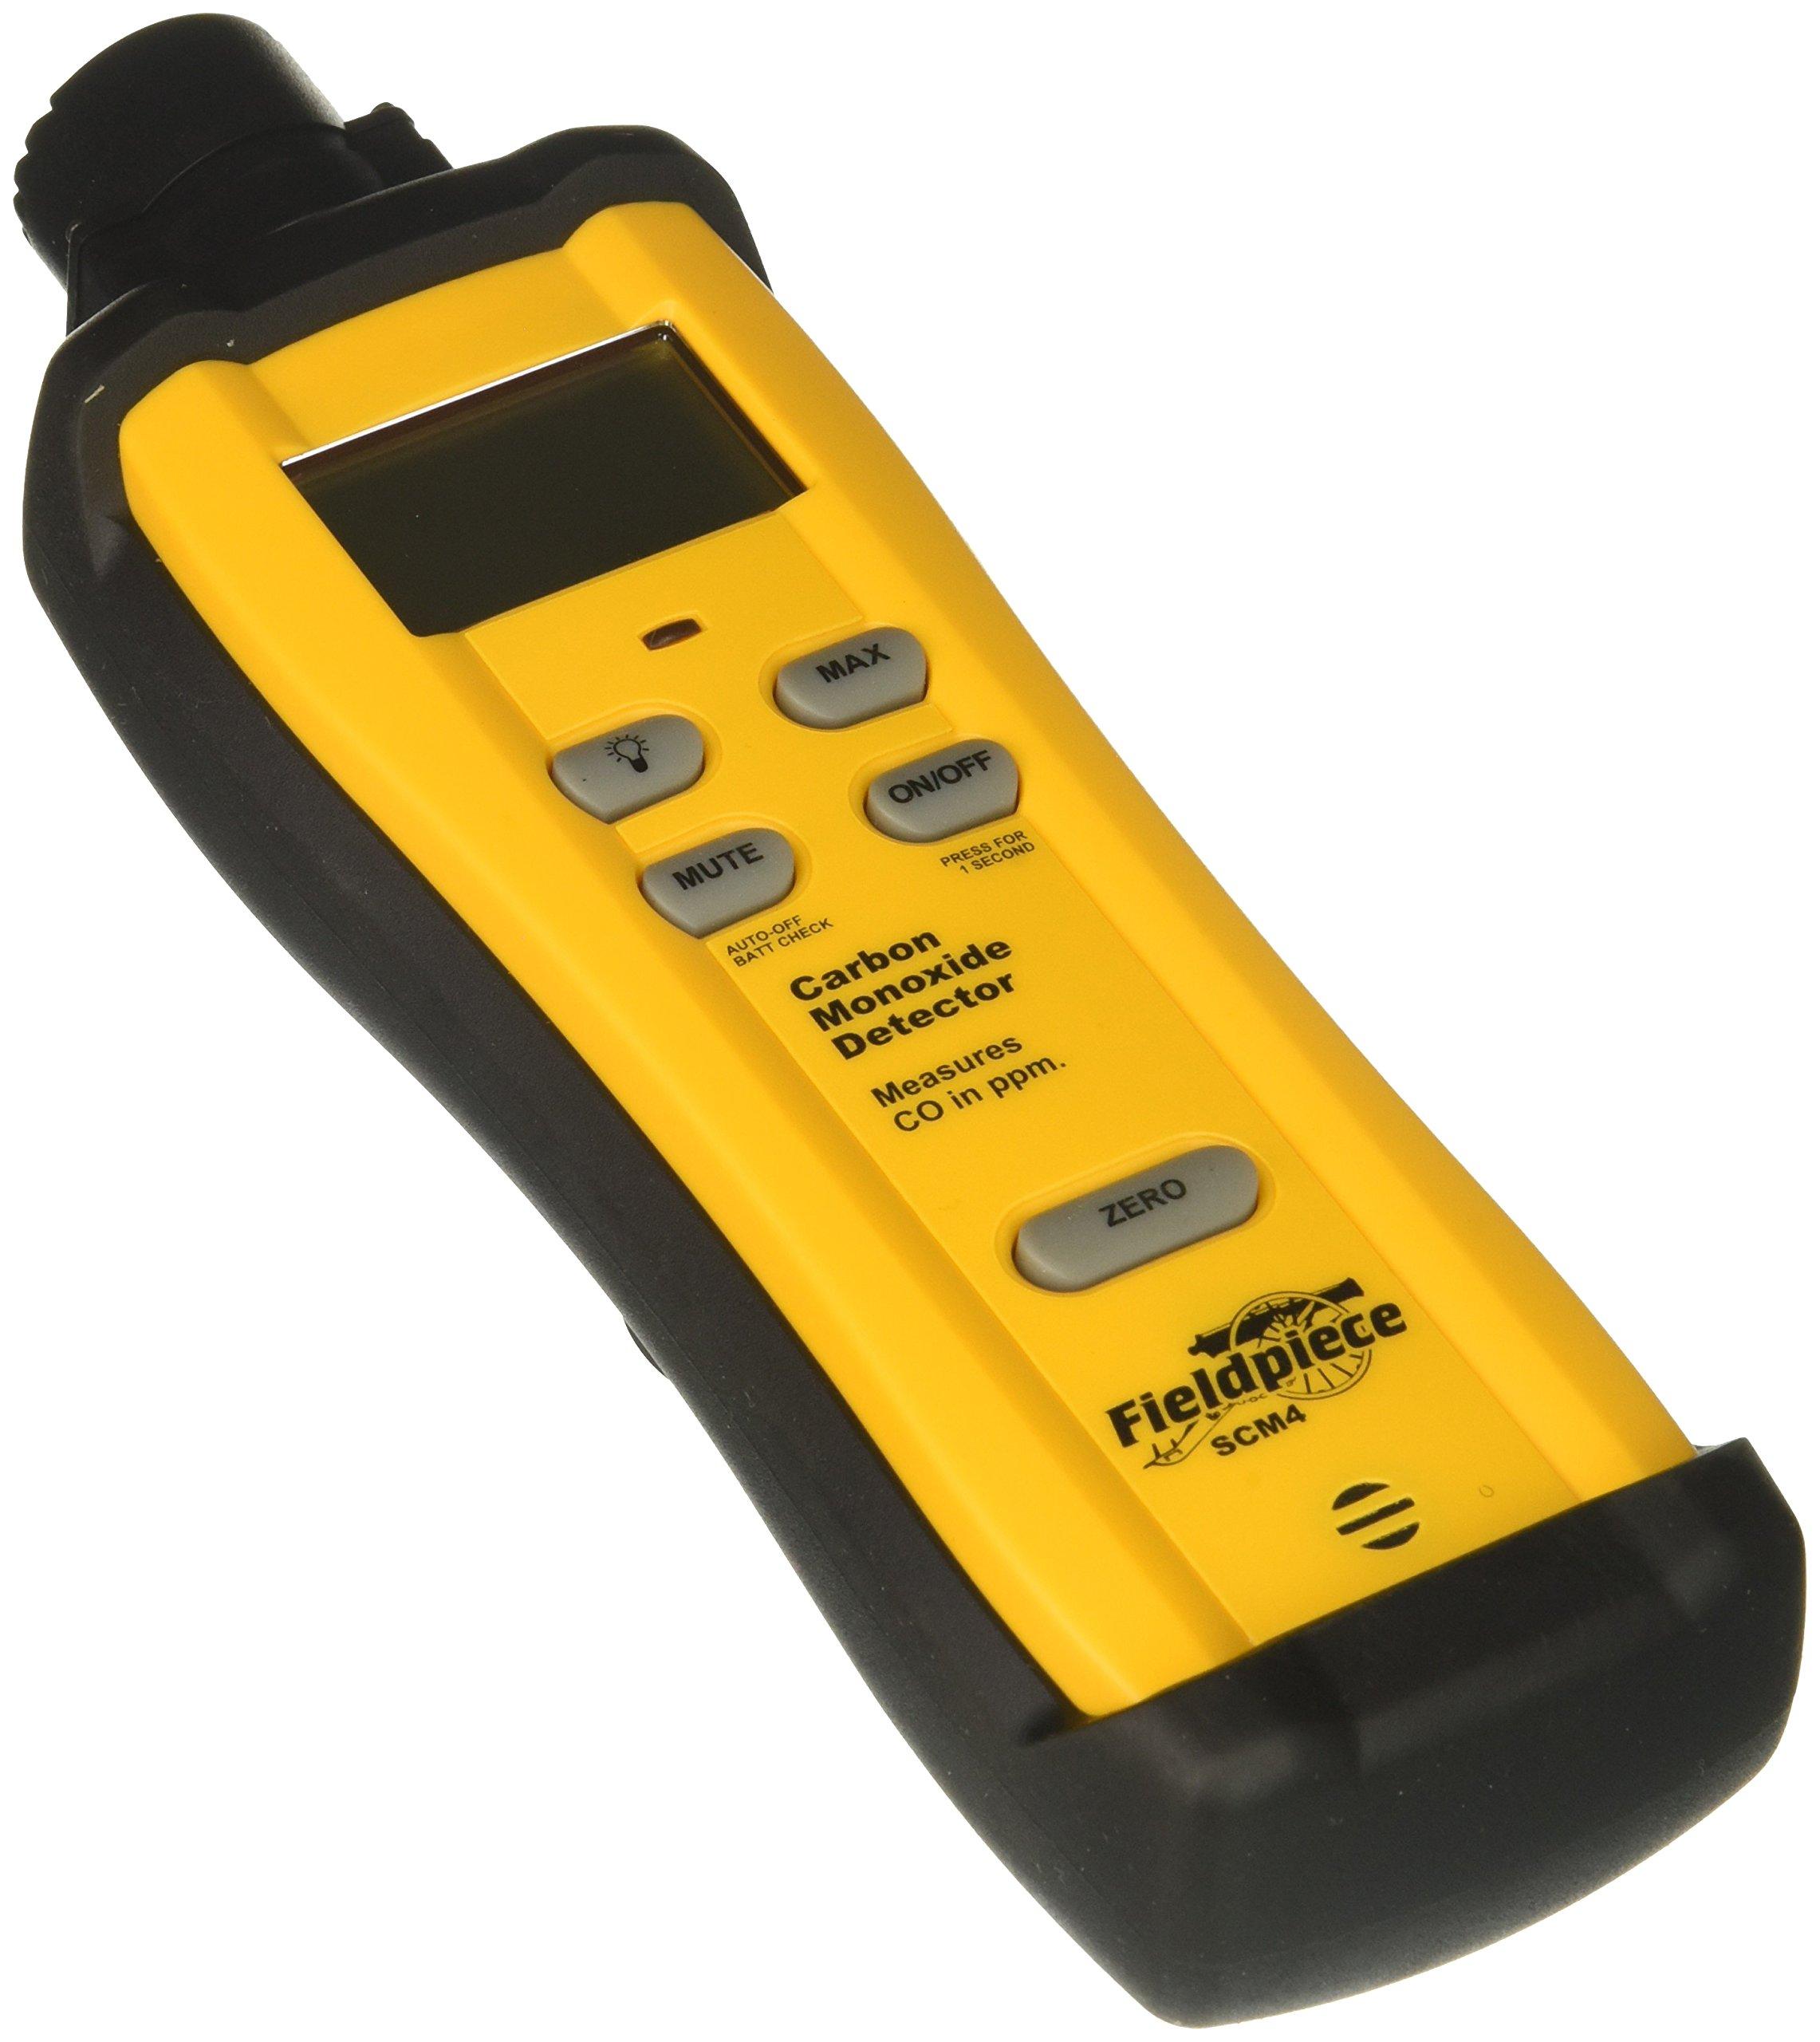 Fieldpiece SCM4 Carbon Monoxide Detector, 1-Pack by Fieldpiece